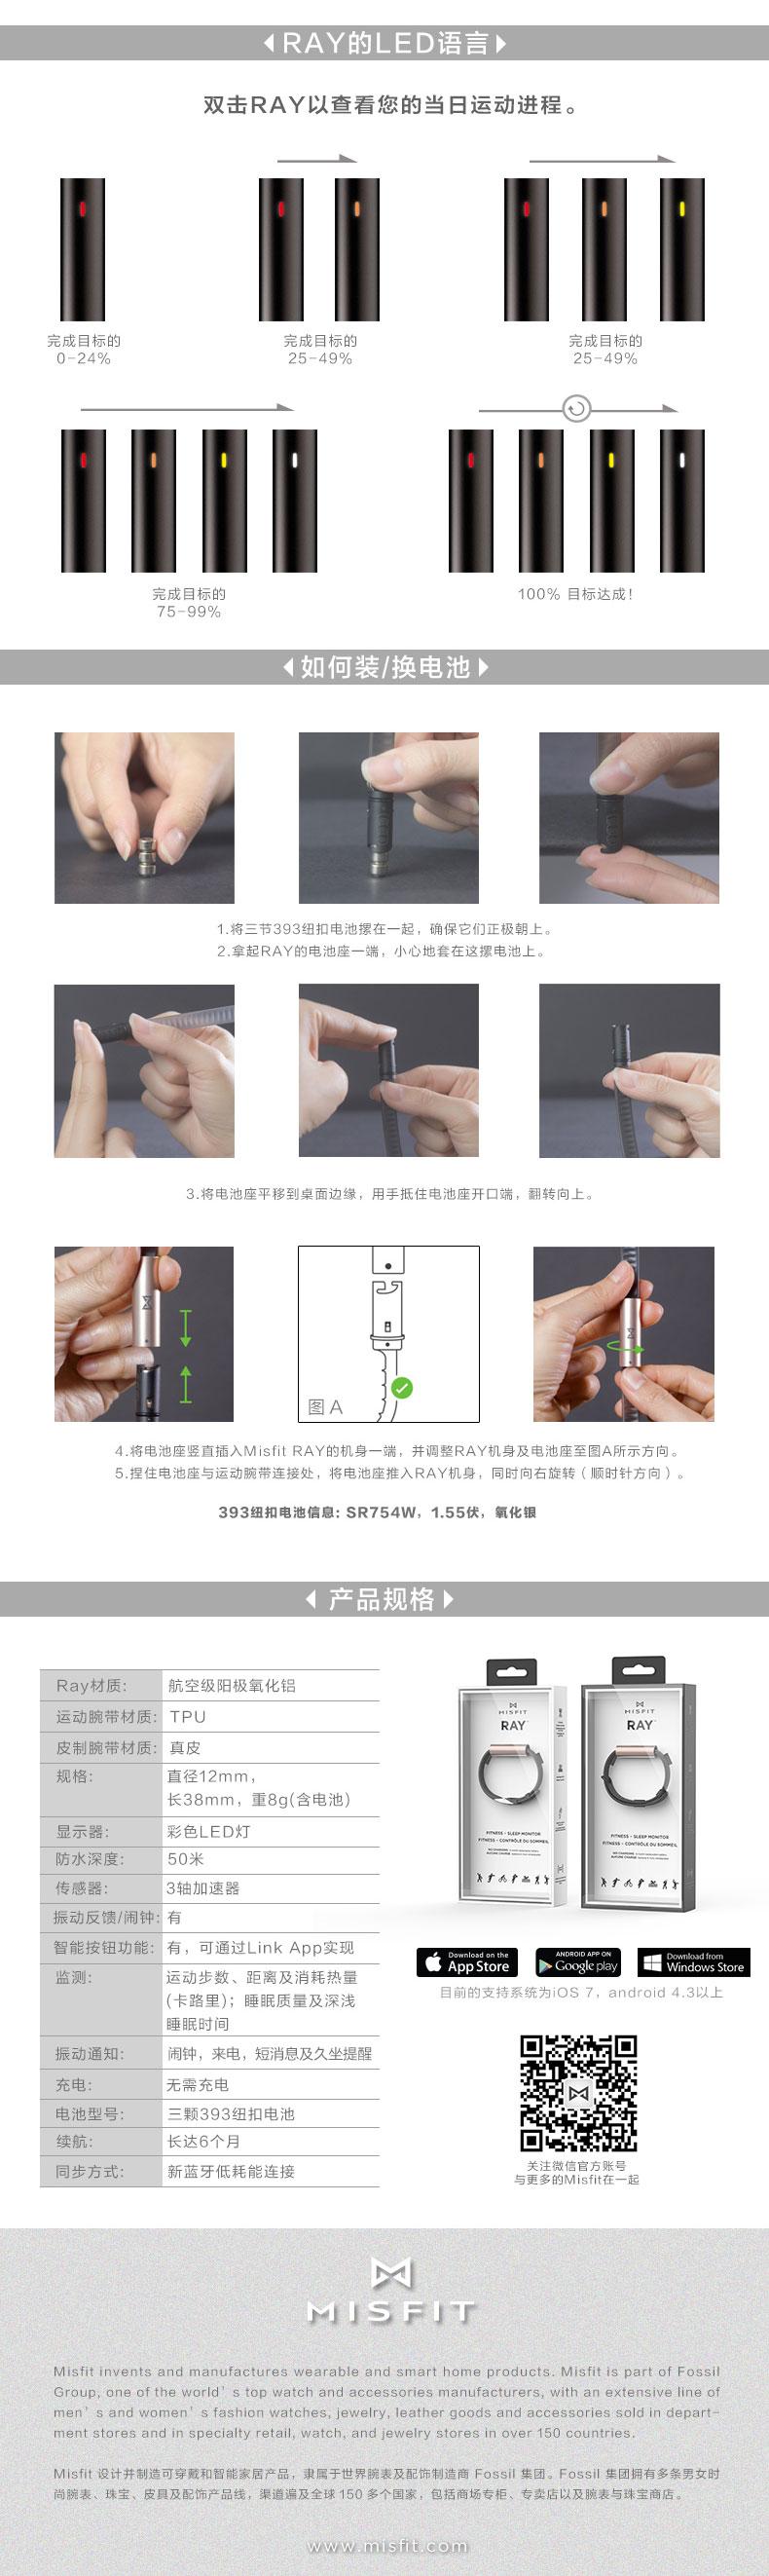 Misfit Ray 智能手环 运动腕带版 曜石黑(无需充电 50米防水 来电短信提醒 音乐自拍手机控制 时尚智能)